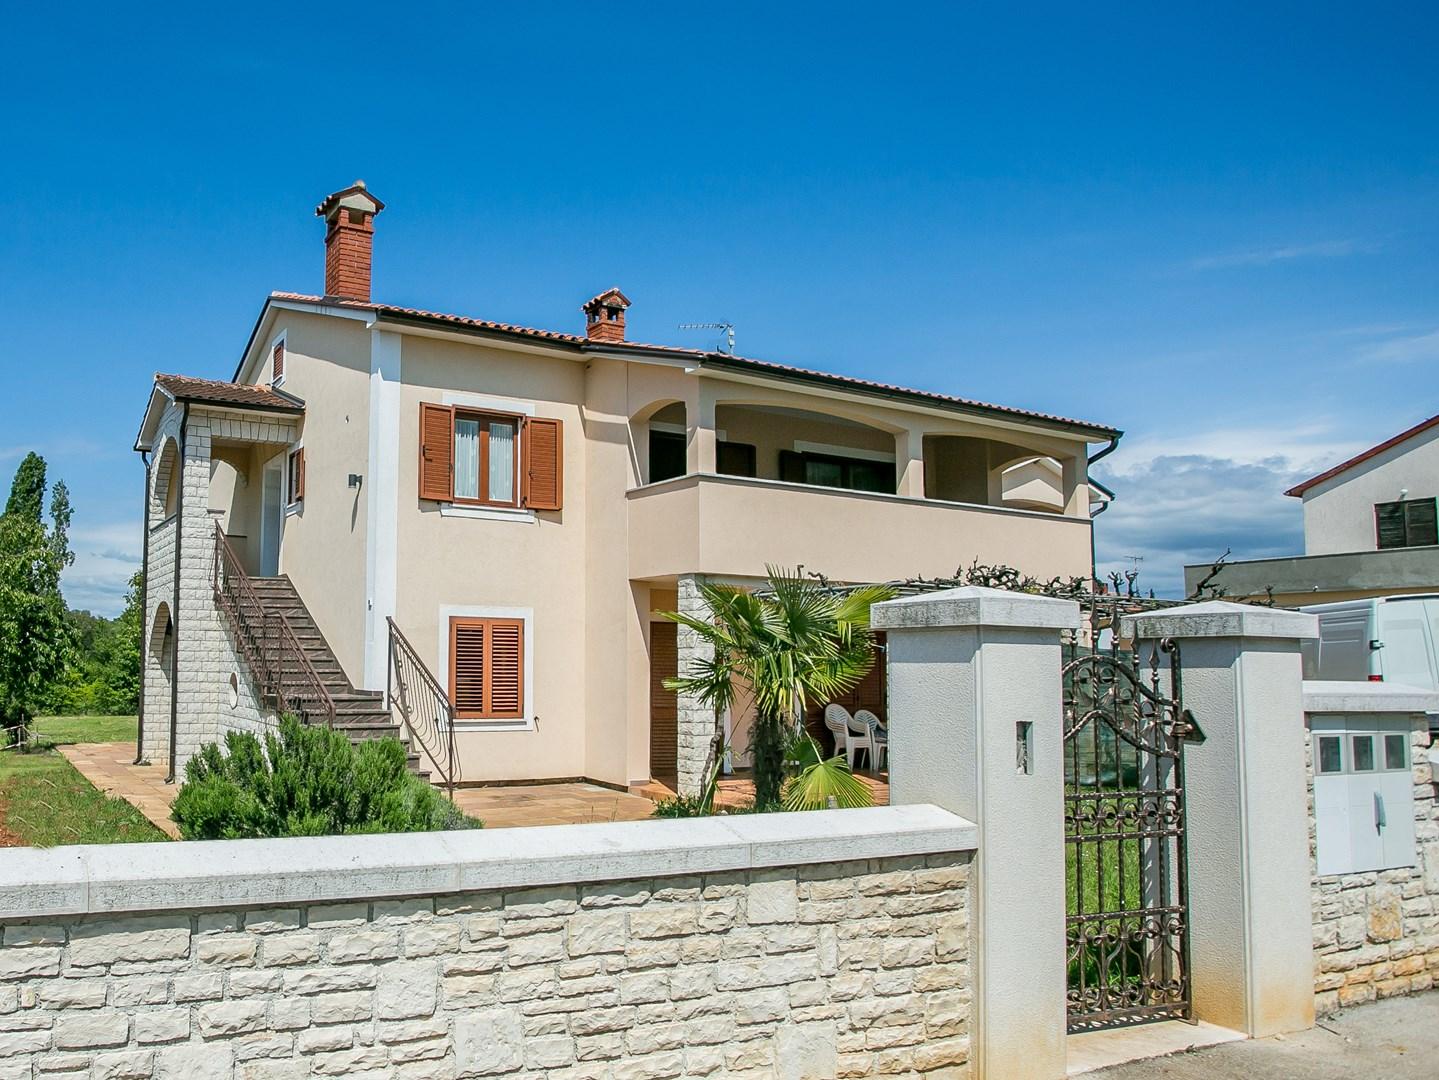 Ferienwohnung Apartment Stanko II mit 1 Schlafzimmer und Balkon (2281012), Vrvari, , Istrien, Kroatien, Bild 1